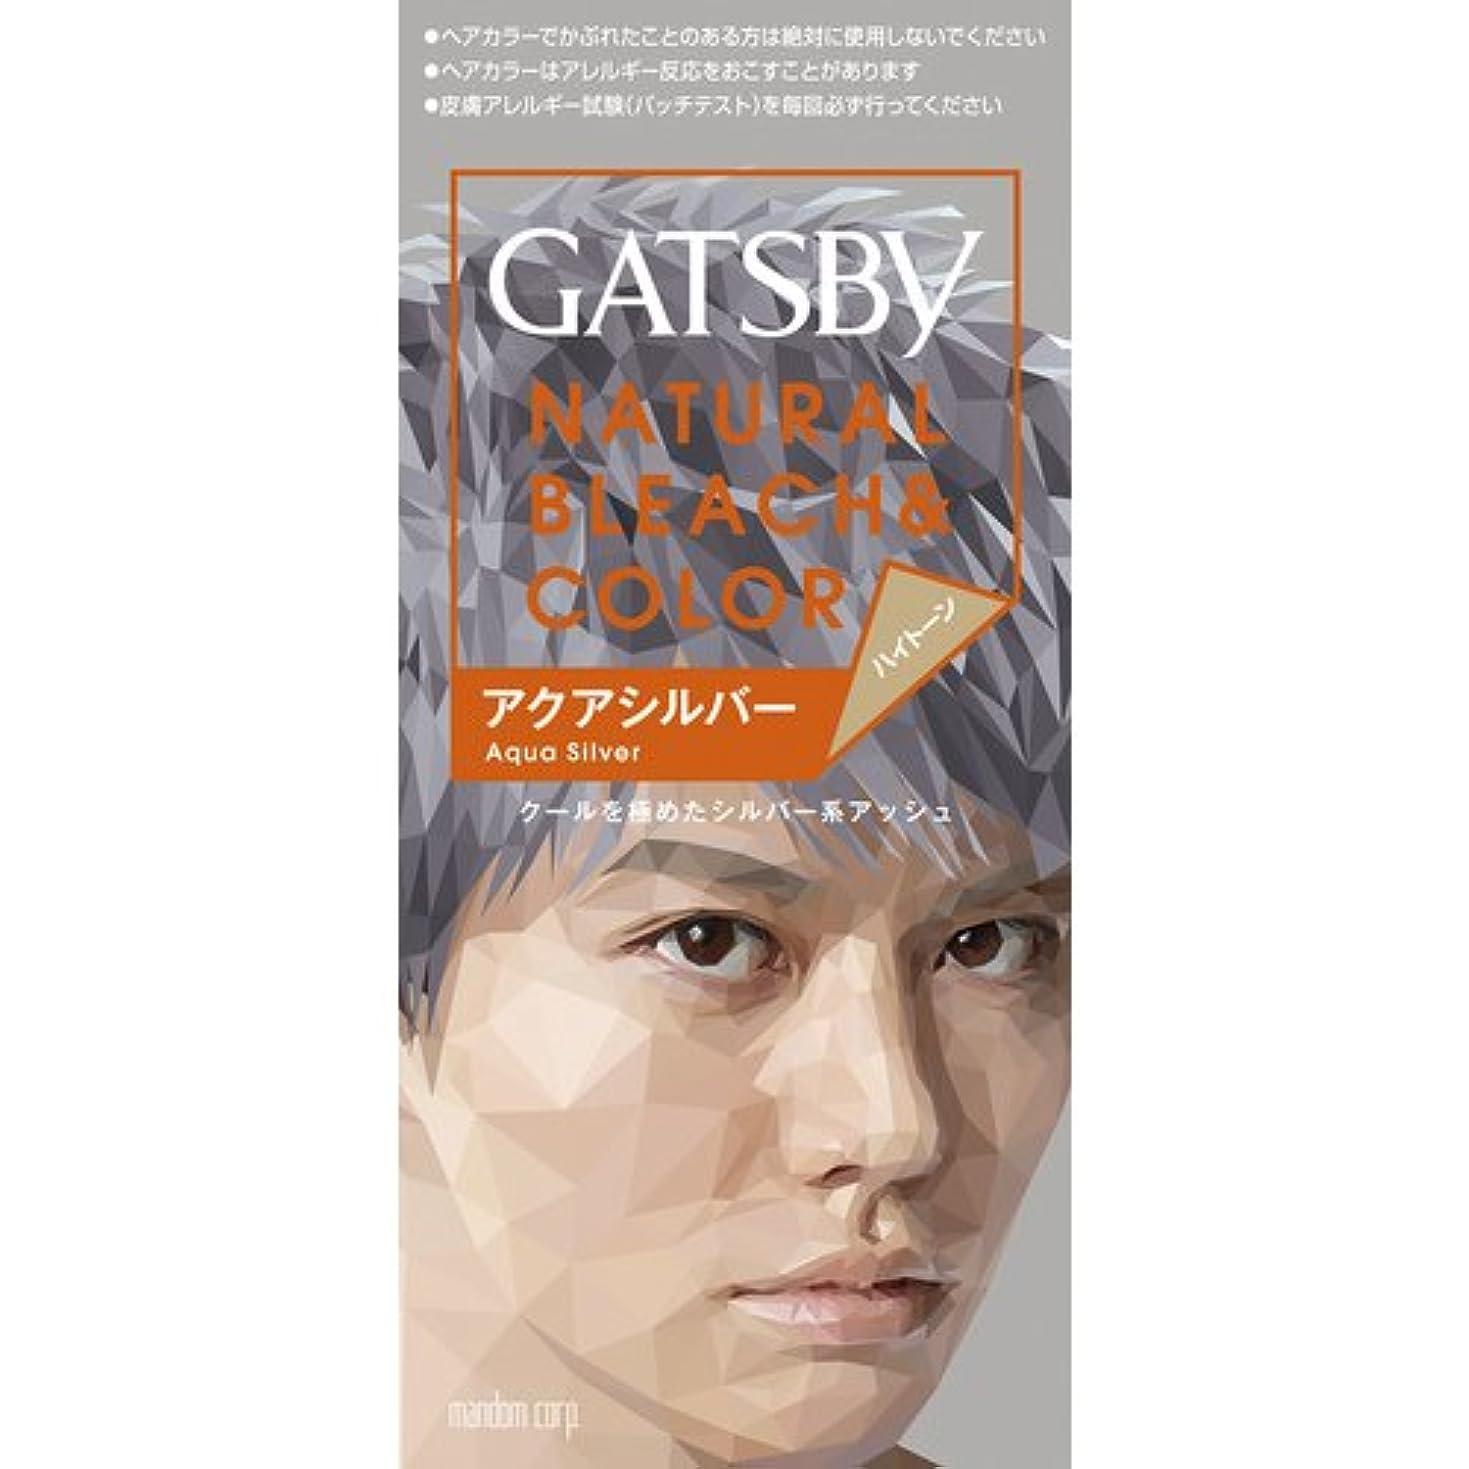 制限する正確知恵ギャツビー(GATSBY) ナチュラルブリーチカラー アクアシルバー 35g+70ml [医薬部外品]